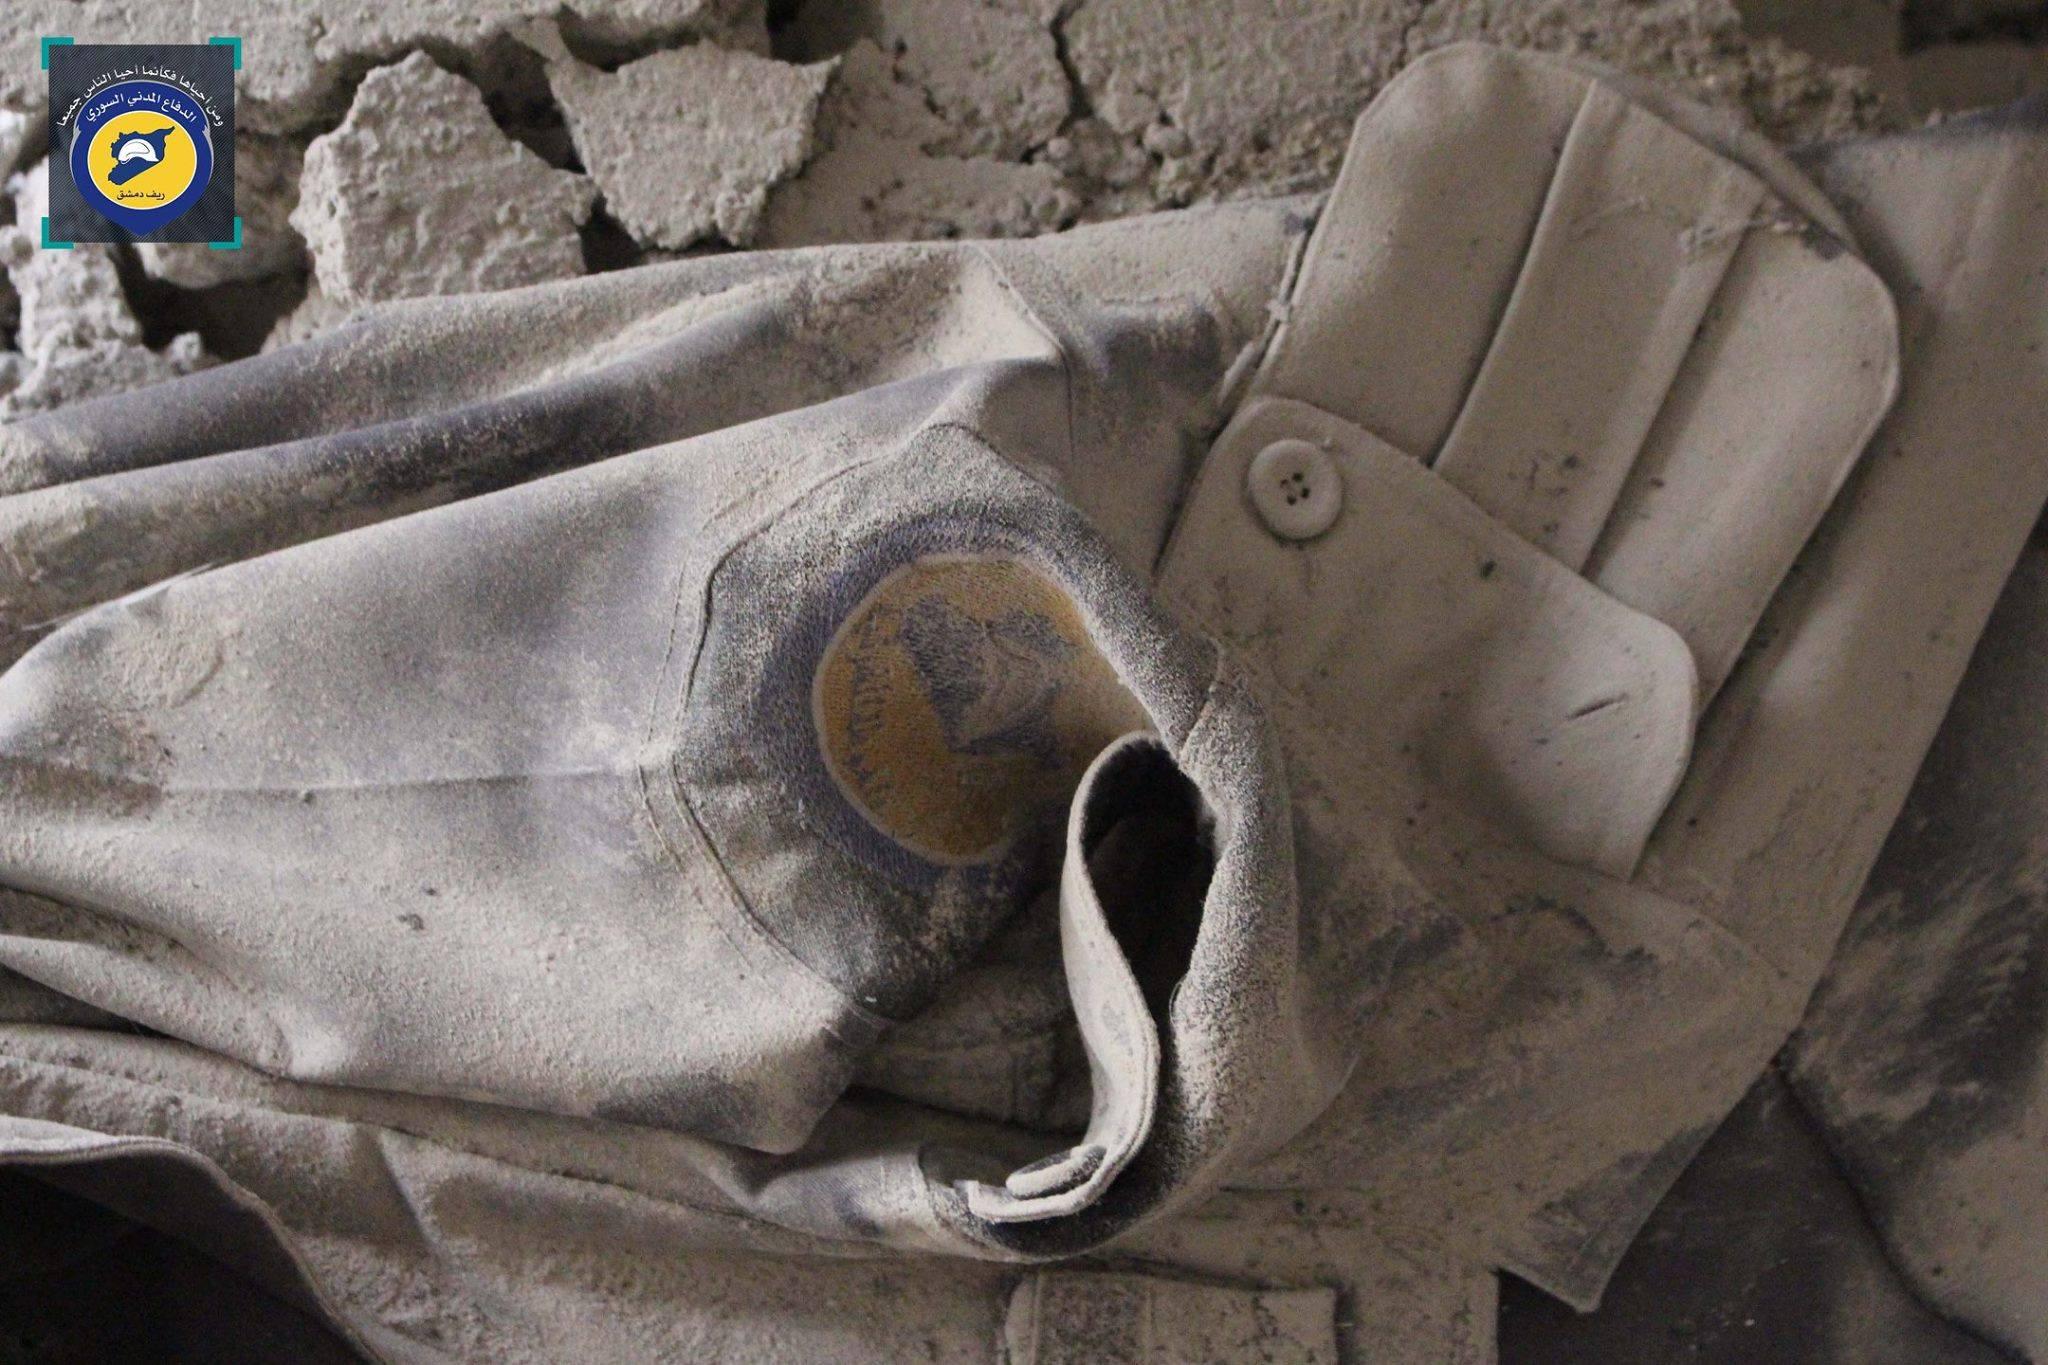 الزي الرسمي لعنصر الدفاع المدني محمد وليد الغوراني الذي قُتل في الغارات على دير العصافير اليوم